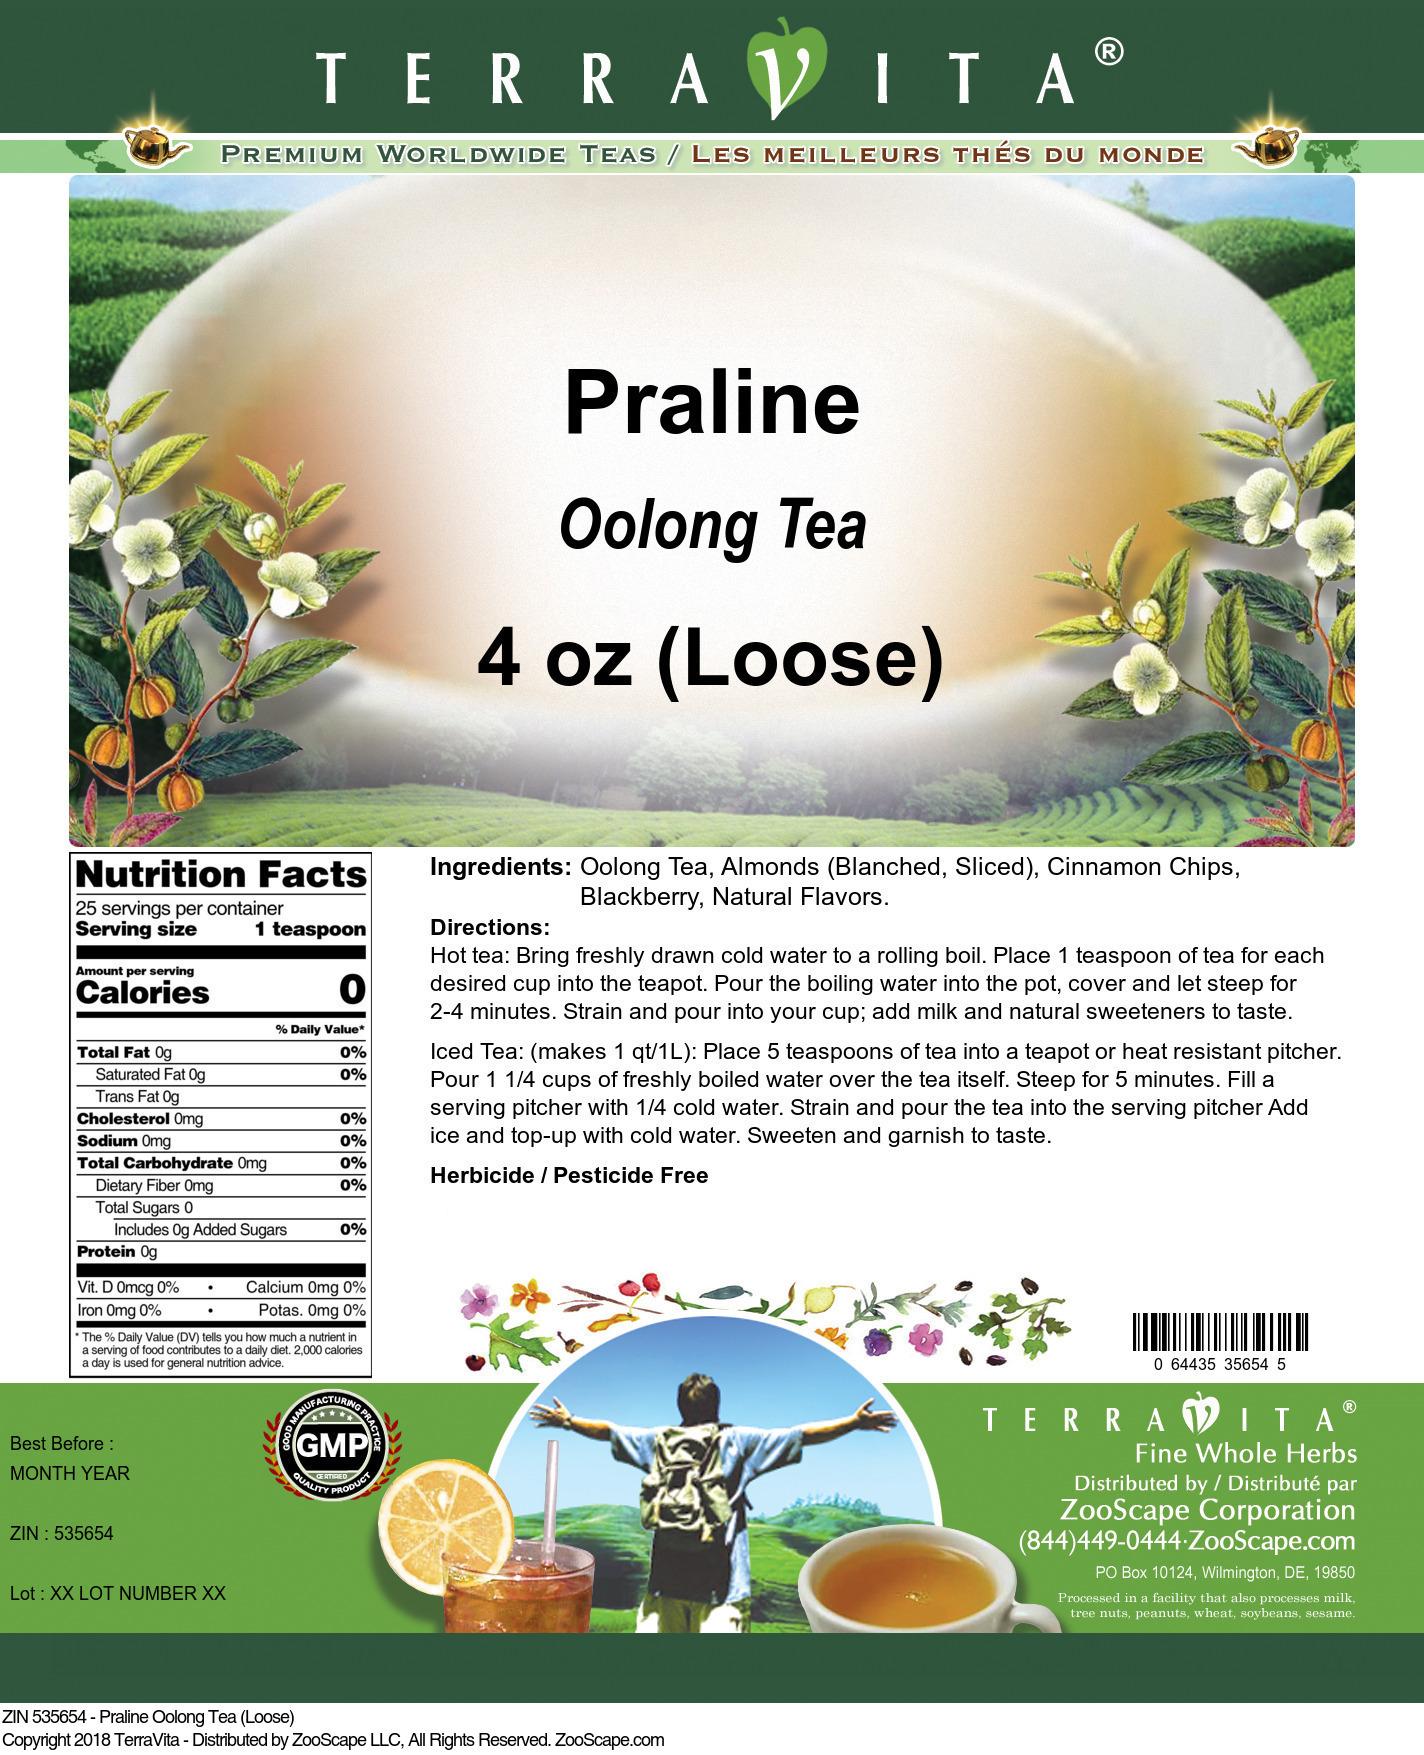 Praline Oolong Tea (Loose)